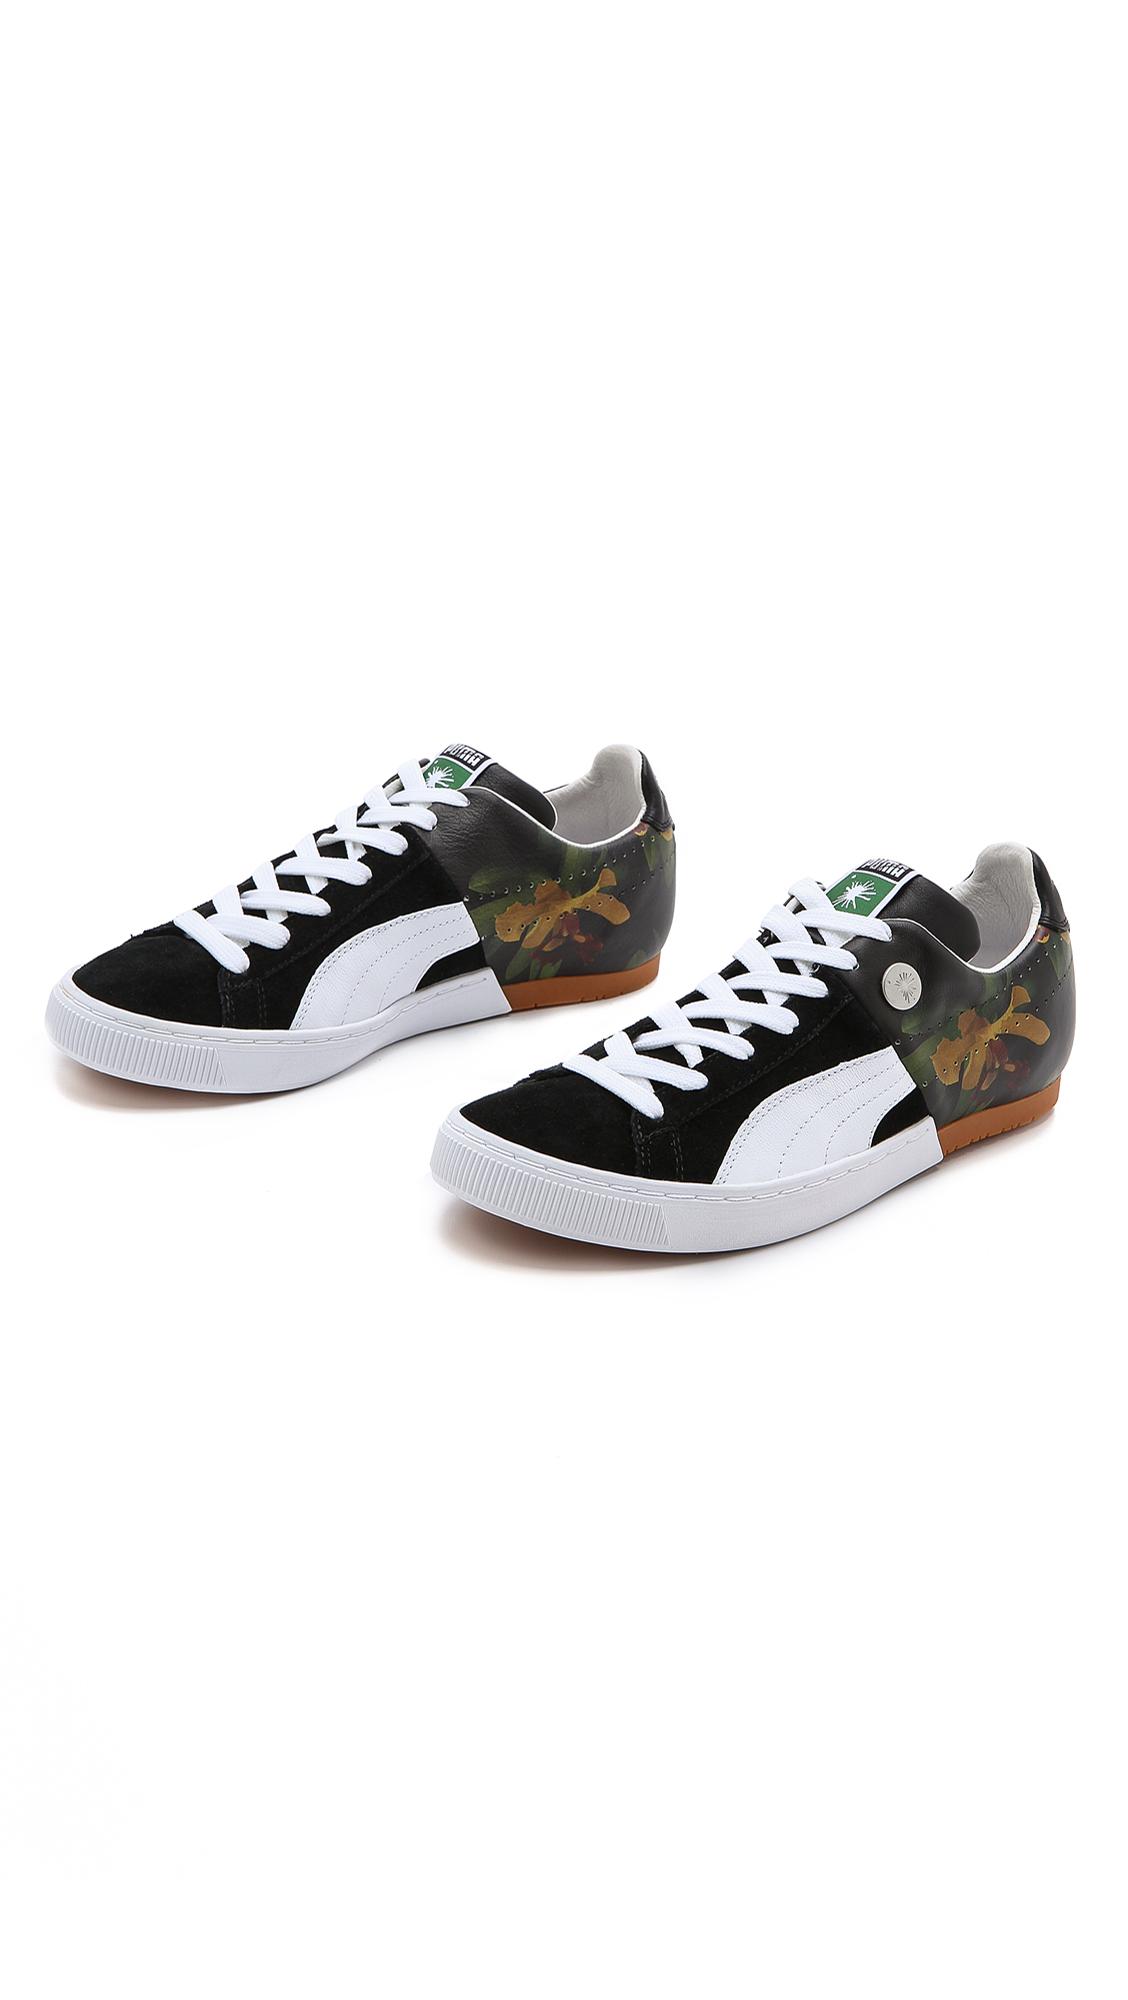 d72b38b0d1b848 PUMA by Mihara Yasuhiro MY-57 Tropicalia Sneakers